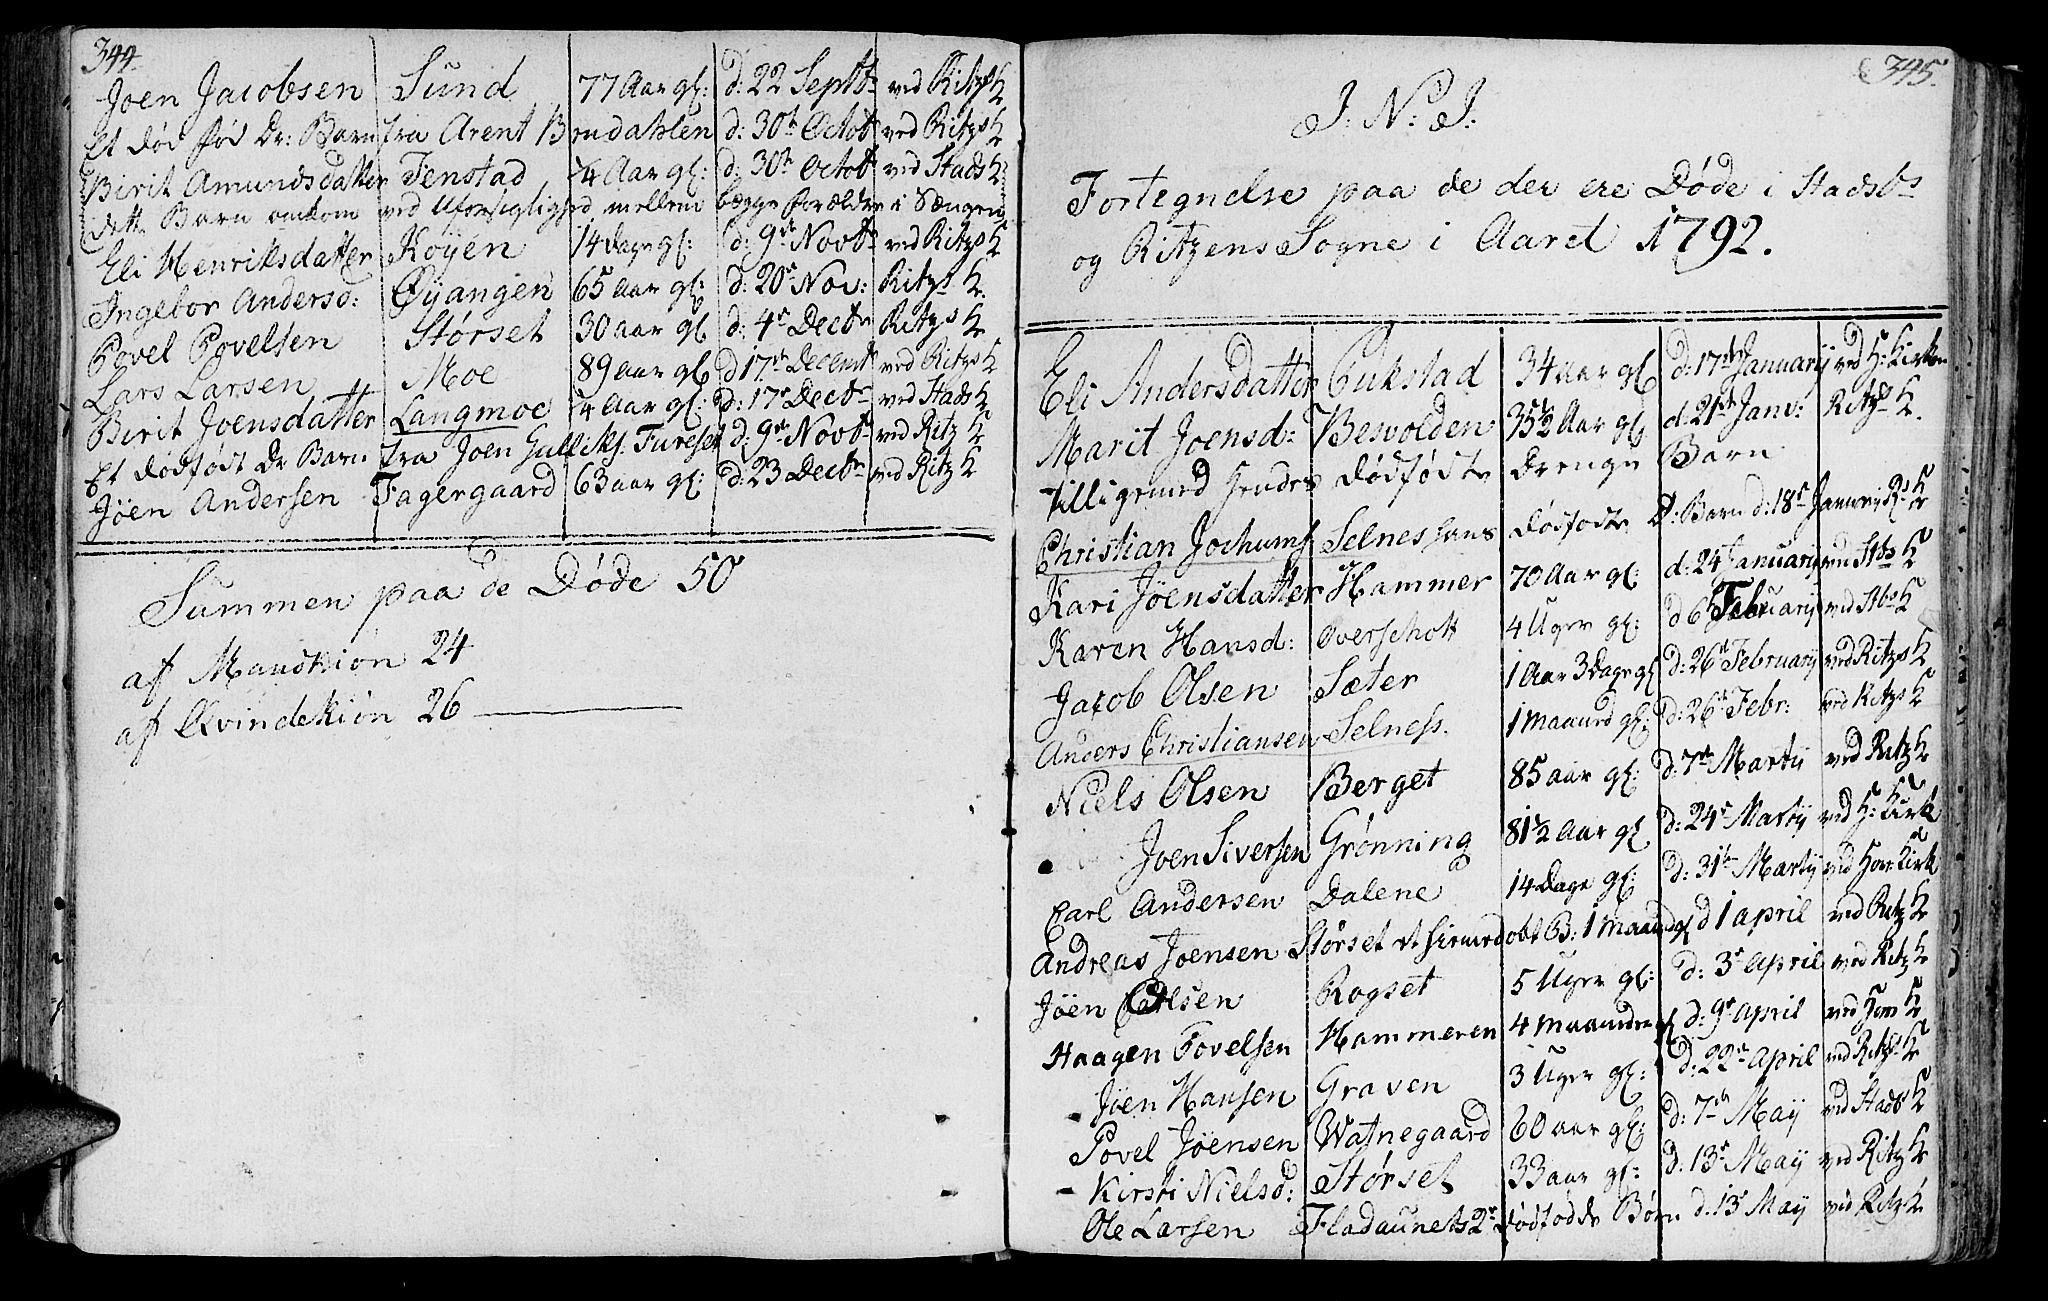 SAT, Ministerialprotokoller, klokkerbøker og fødselsregistre - Sør-Trøndelag, 646/L0606: Ministerialbok nr. 646A04, 1791-1805, s. 344-345